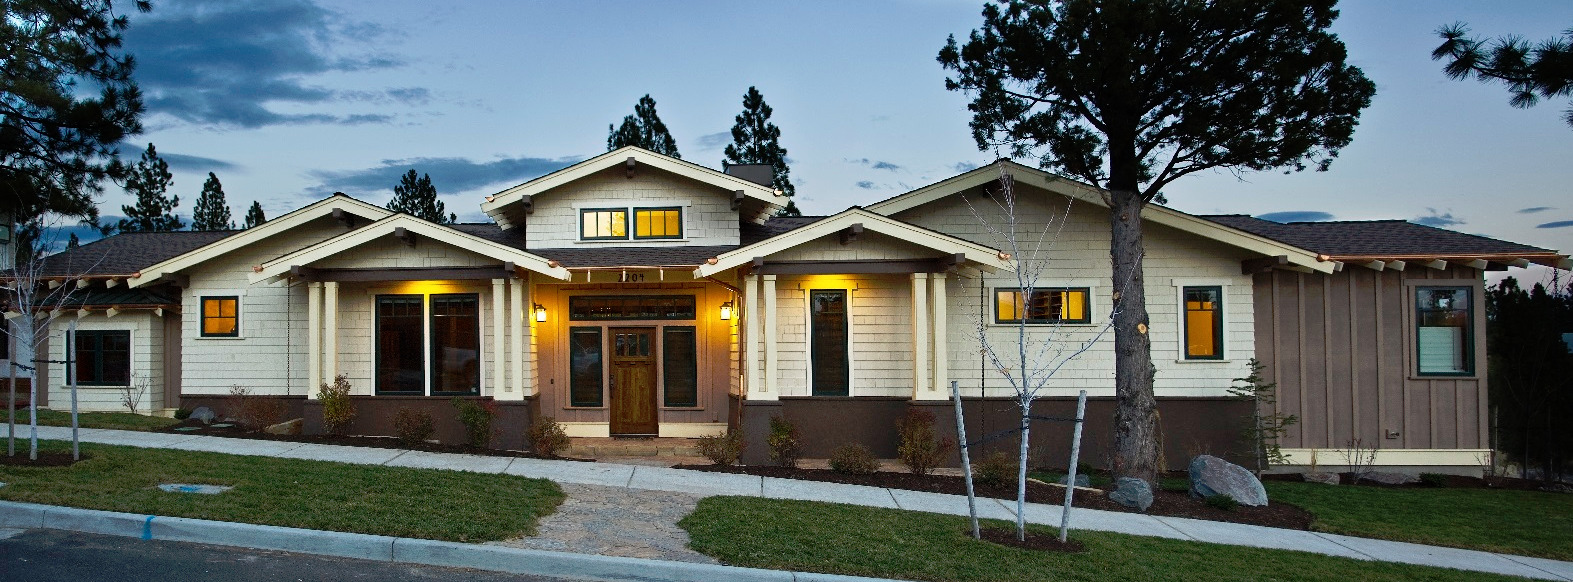 Evolution Home Design, Inc.